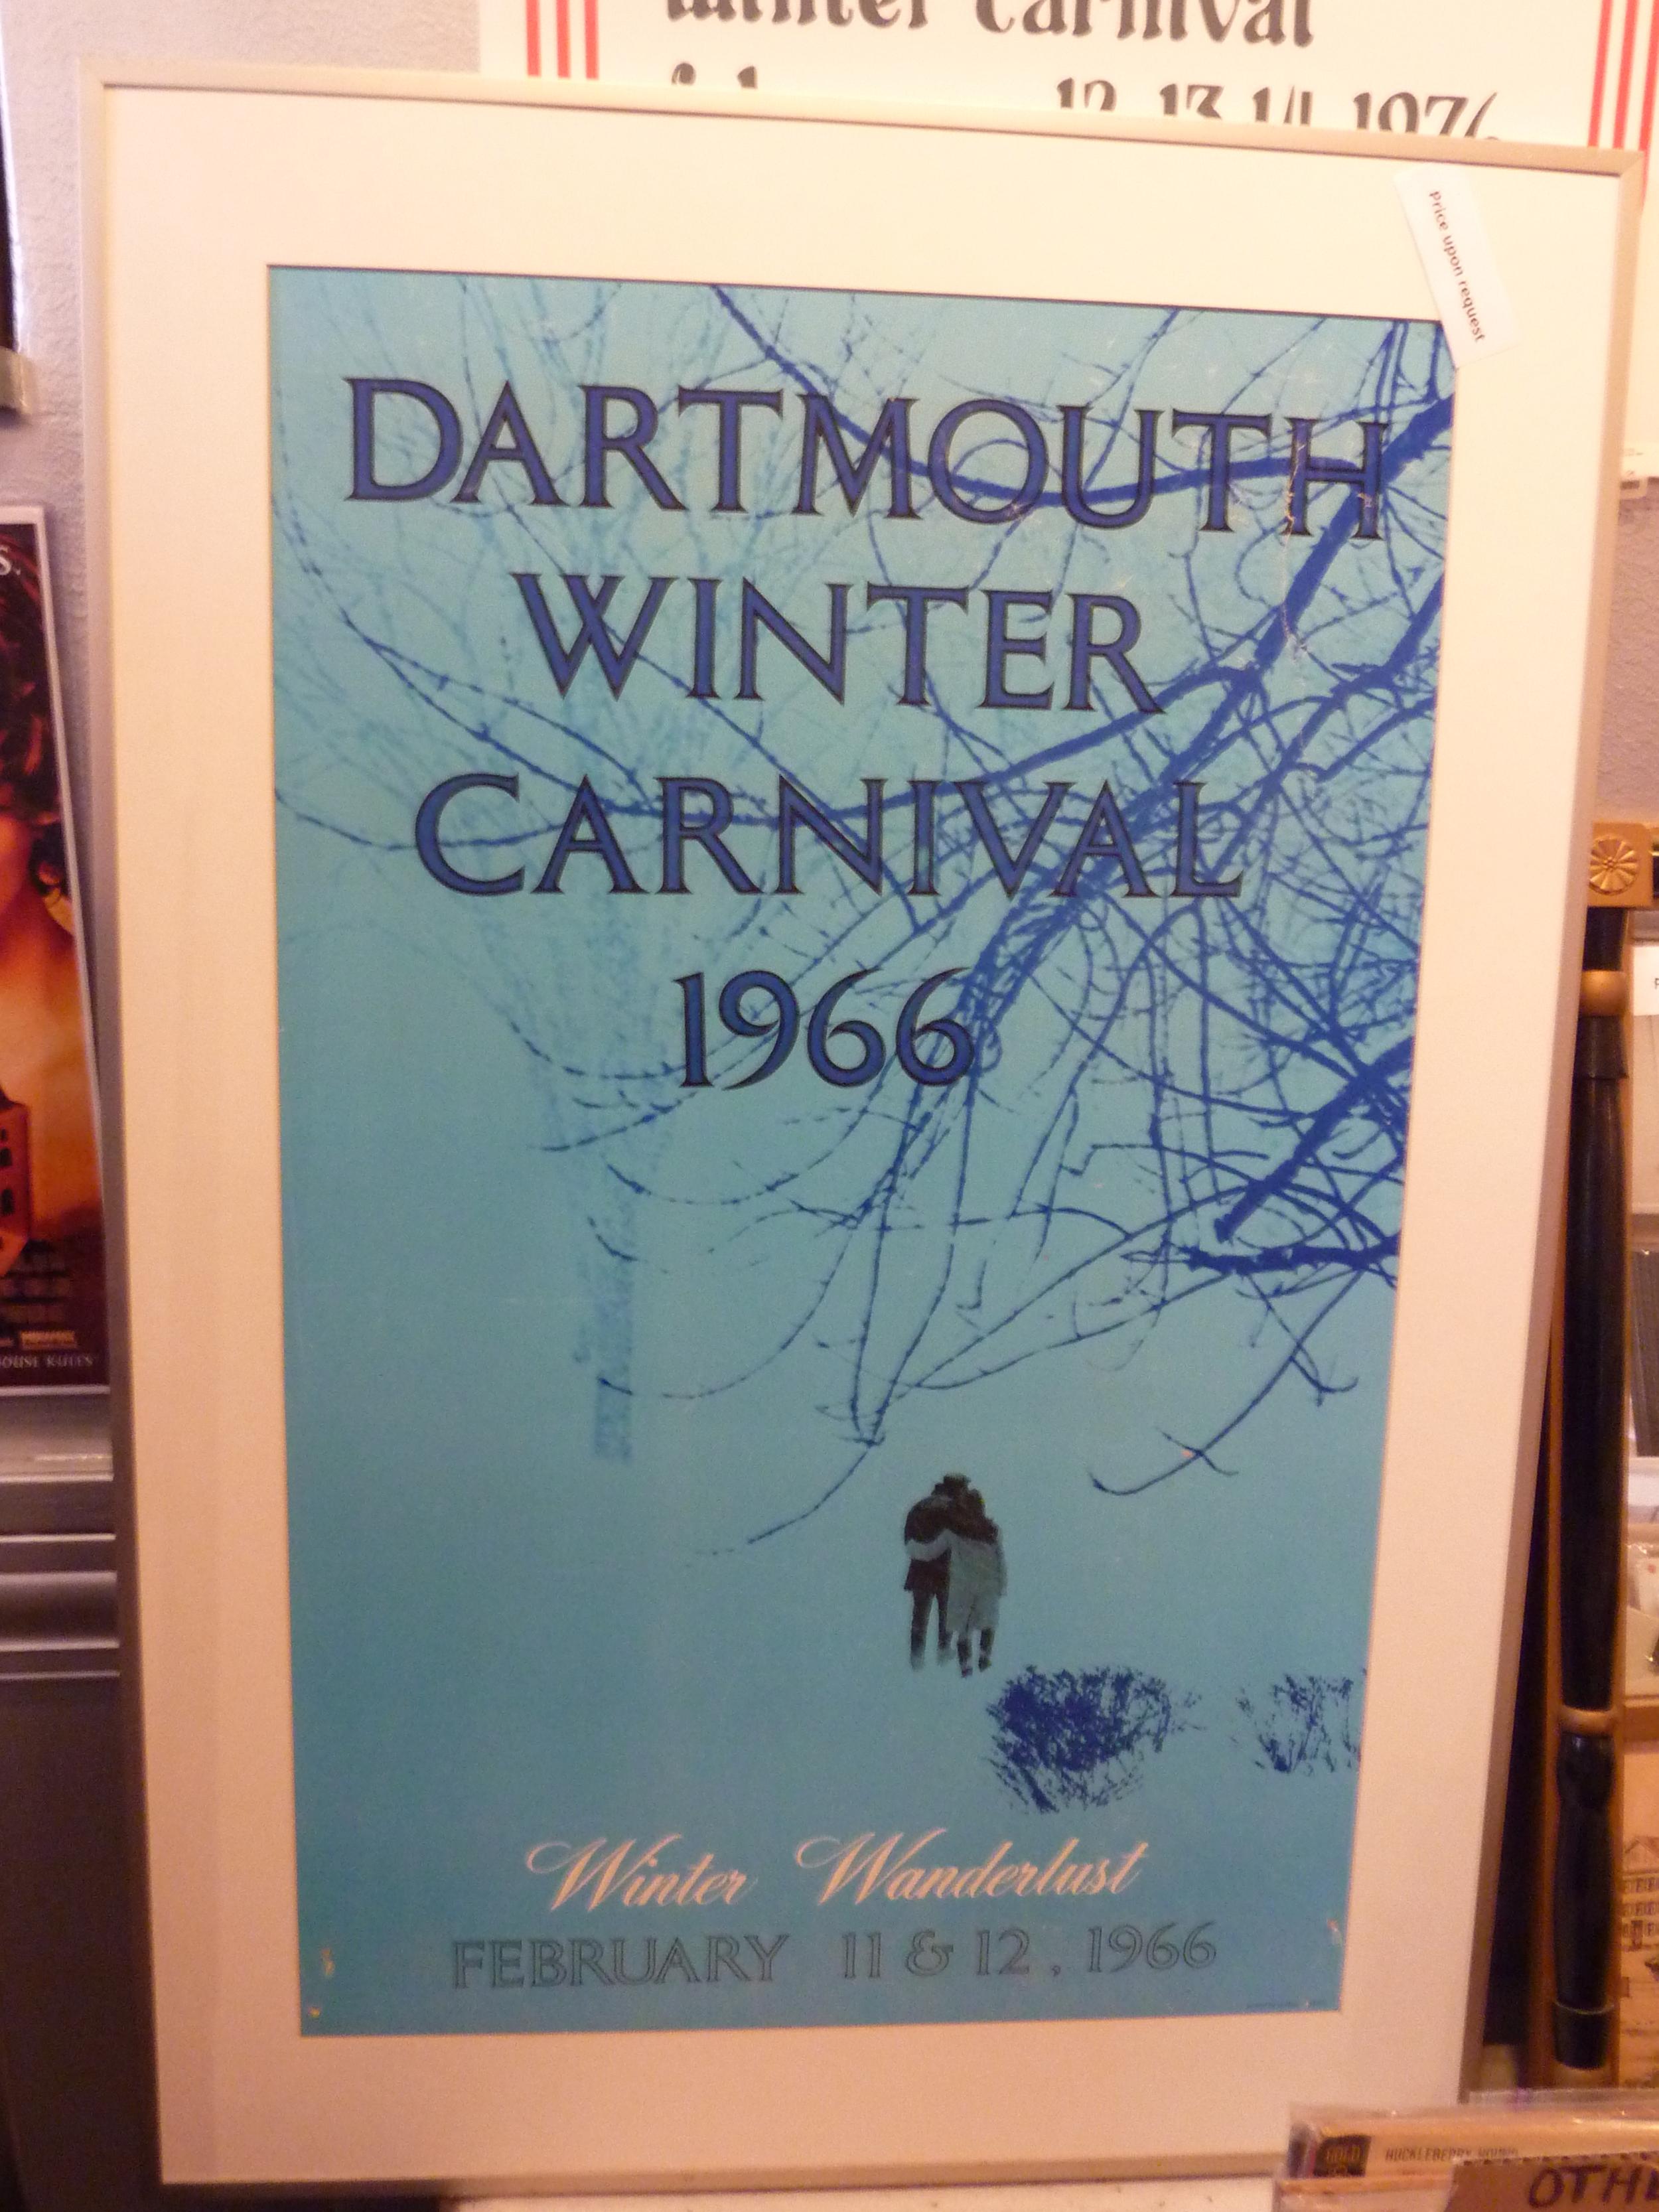 Dartmouth Winter Carnival 1966